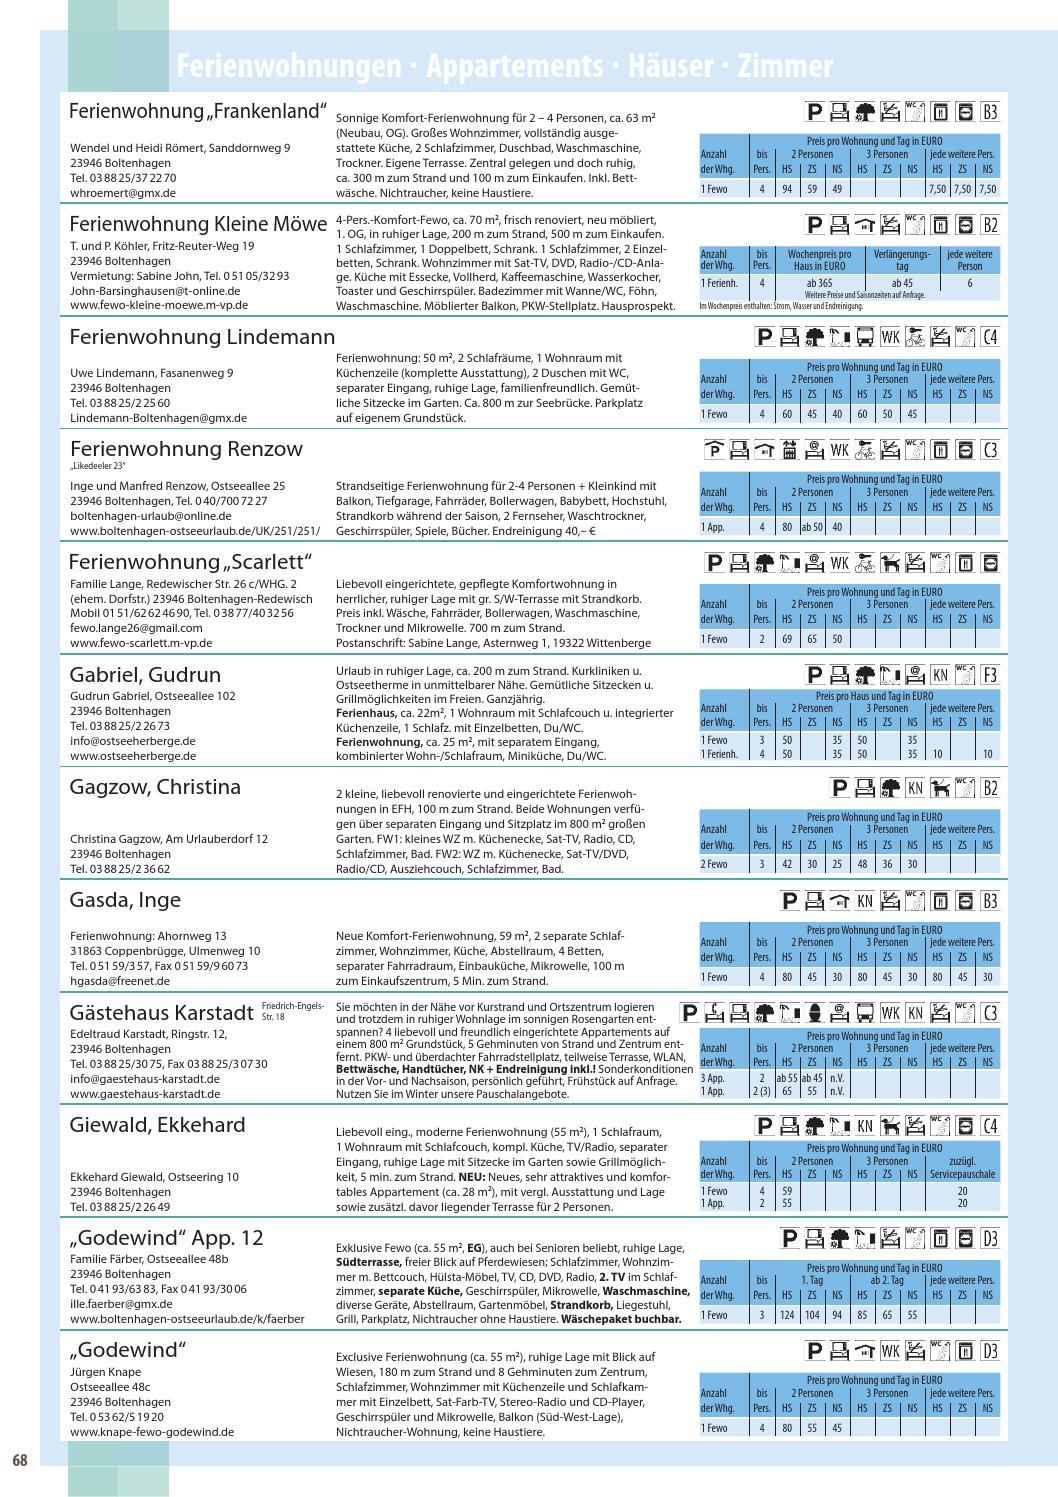 GGV Boltenhagen 2014 by Markt und Trend - issuu